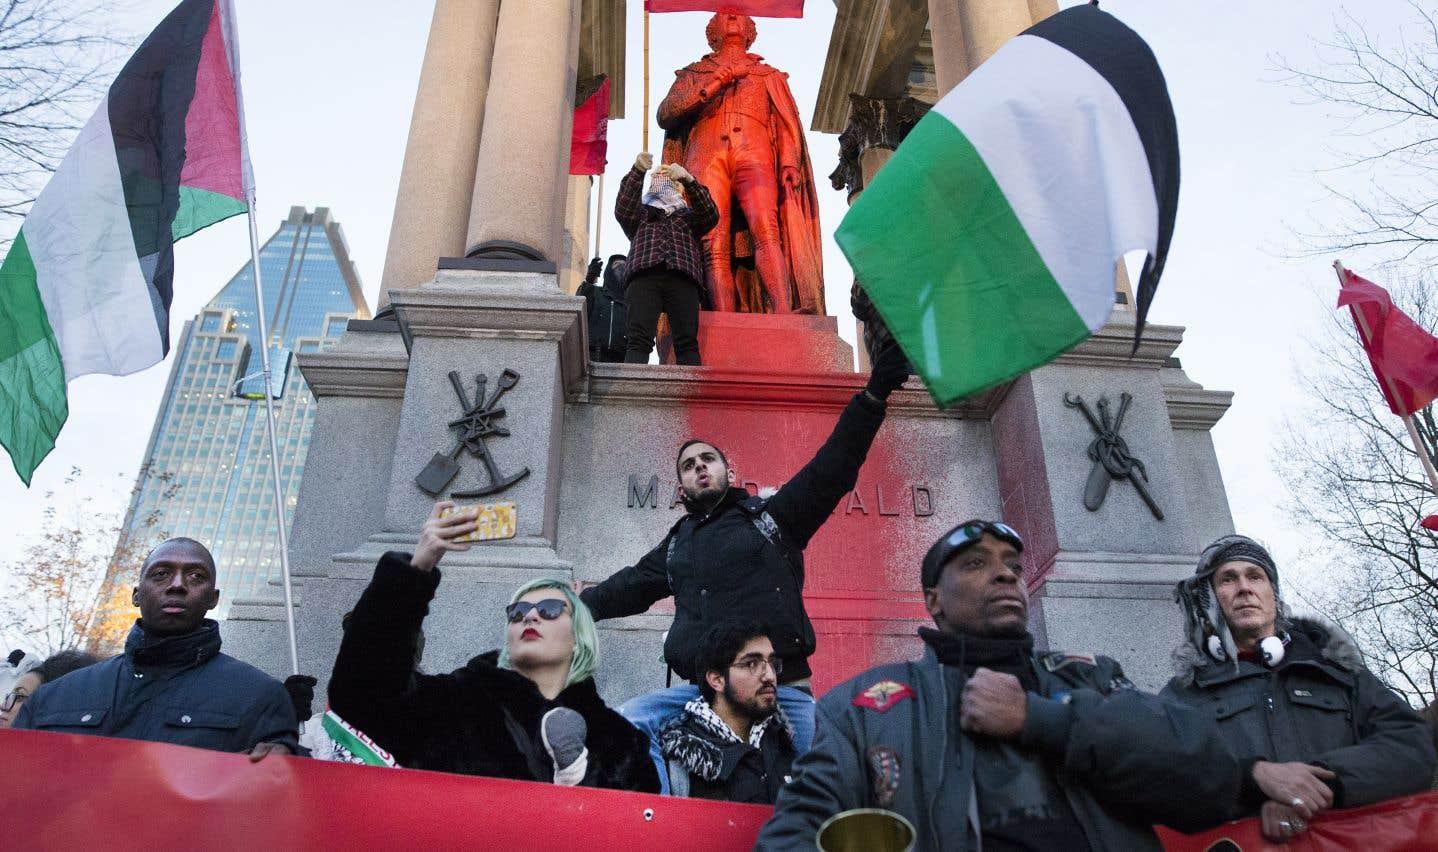 Des centaines de personnes contestent la loi sur la neutralité et le racisme